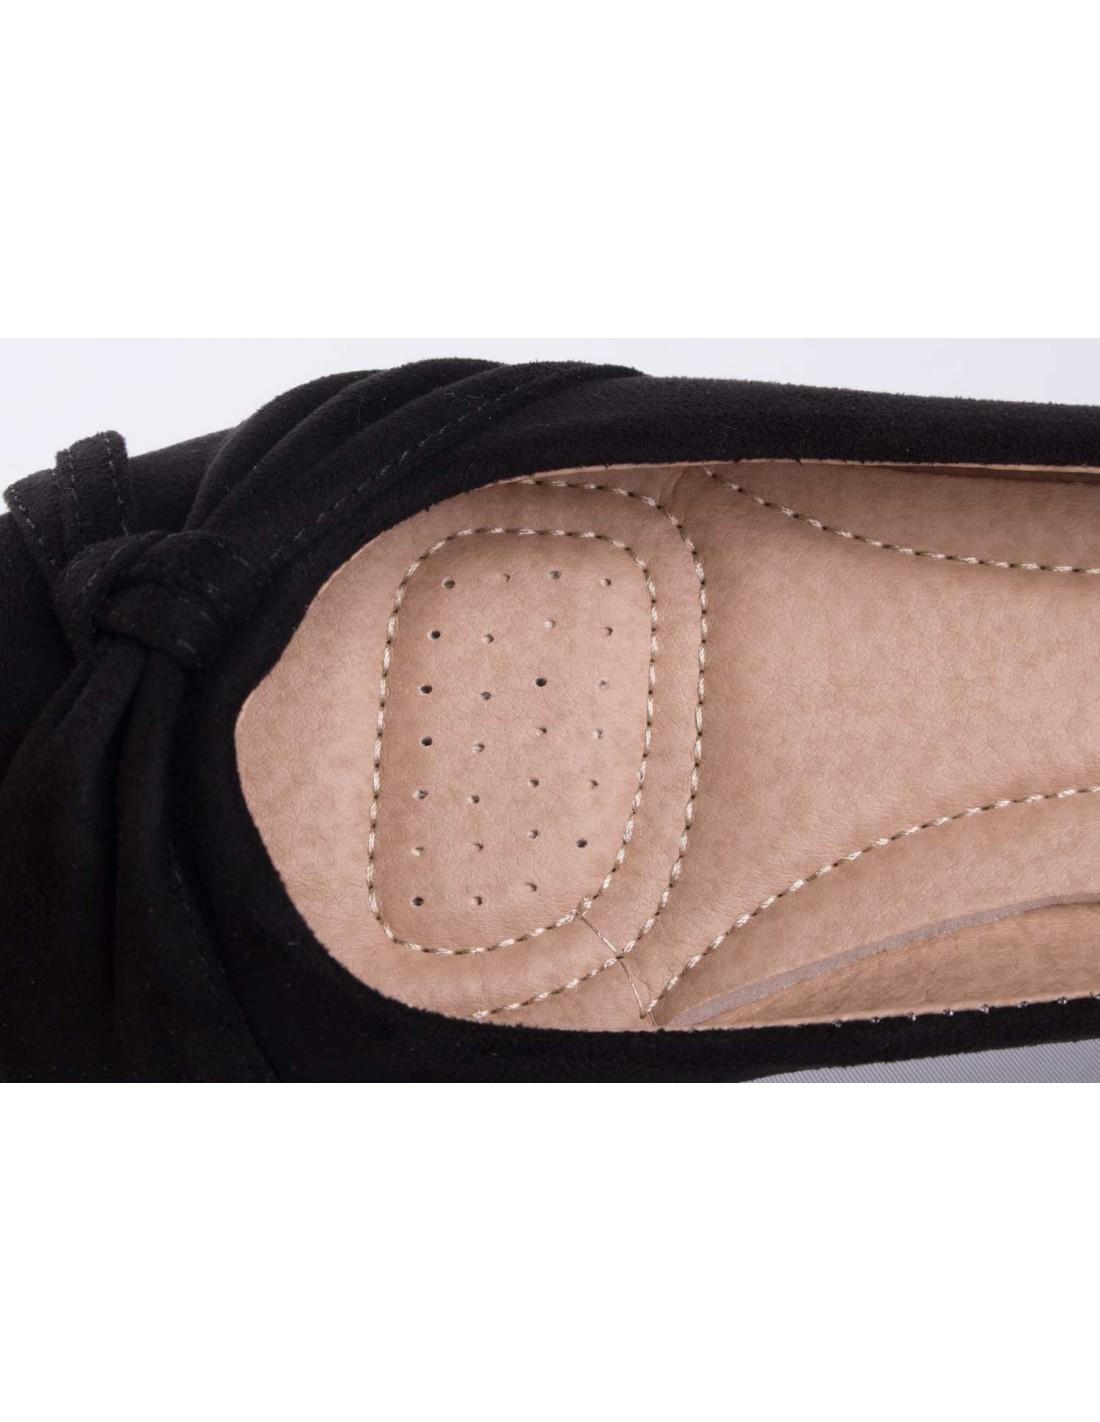 0cba670af92cd ... Ballerine noir en daim synthétique avec noeud fantaisie semelle confort  chaussure été femme